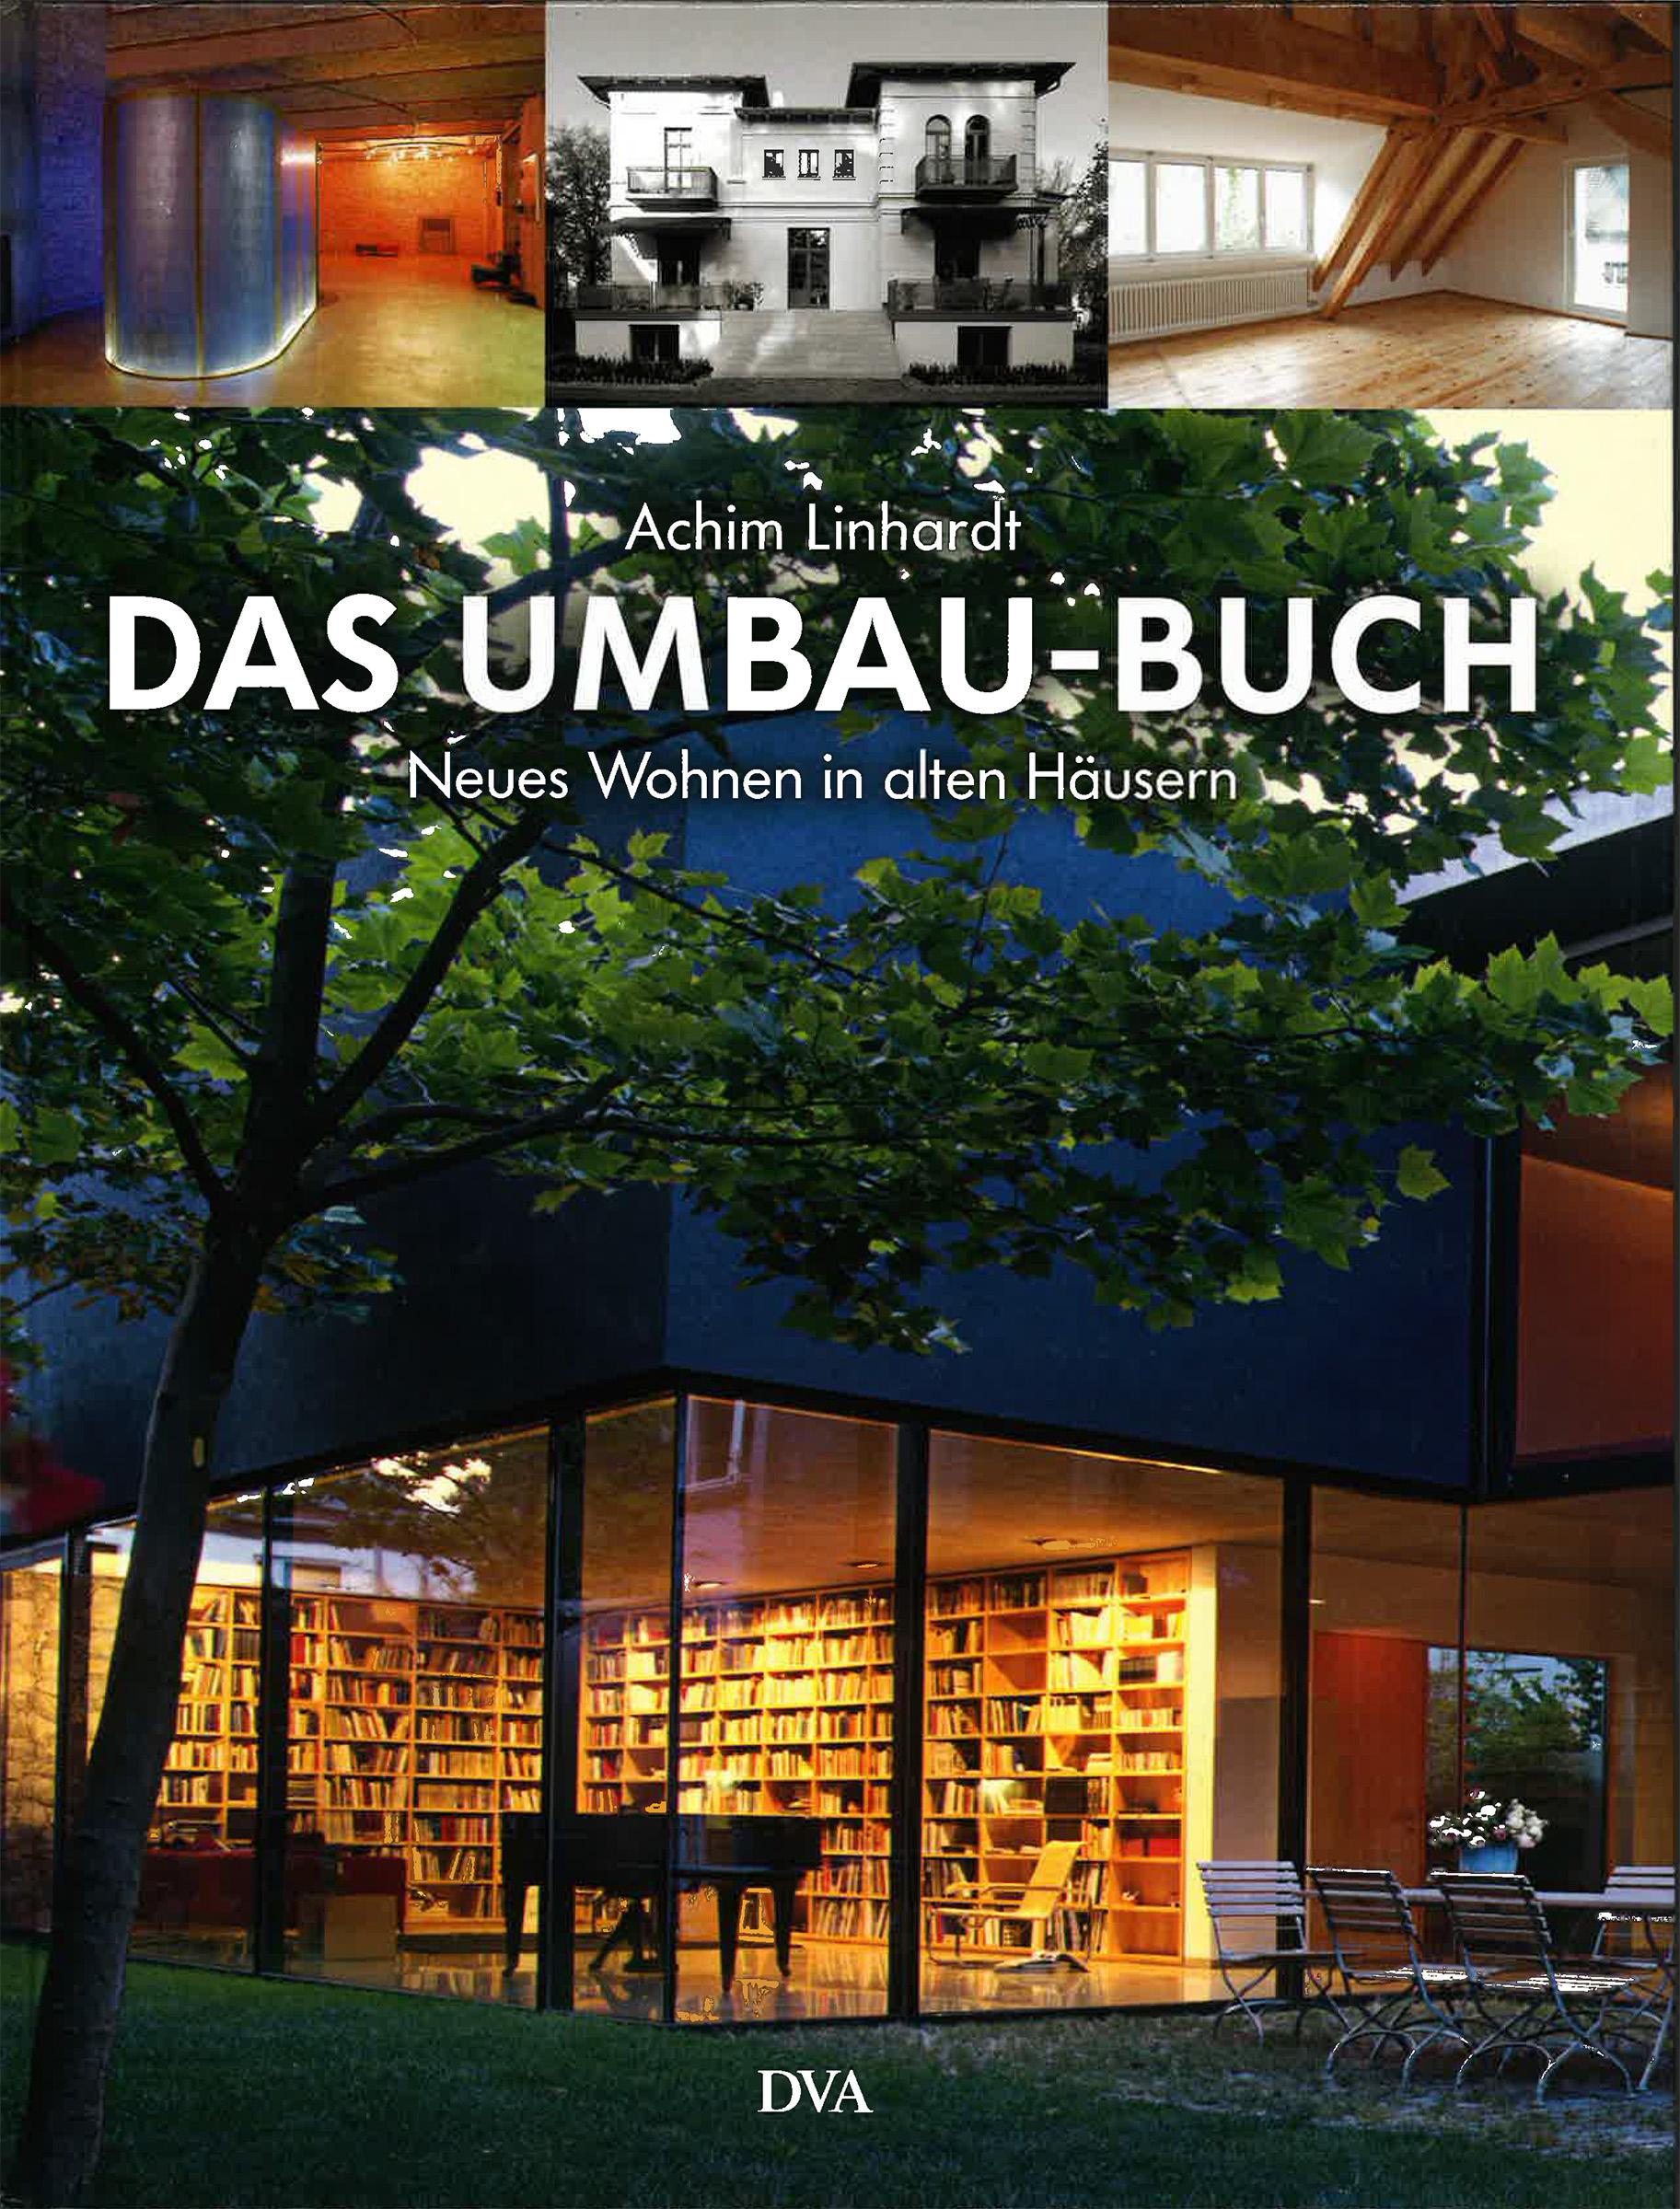 Das Umbau-Buch Neues Wohnen in alten Häusern Achim Linhardt Deutsche Verlags-Anstalt, München 2006 ISBN 3-421-03538-5